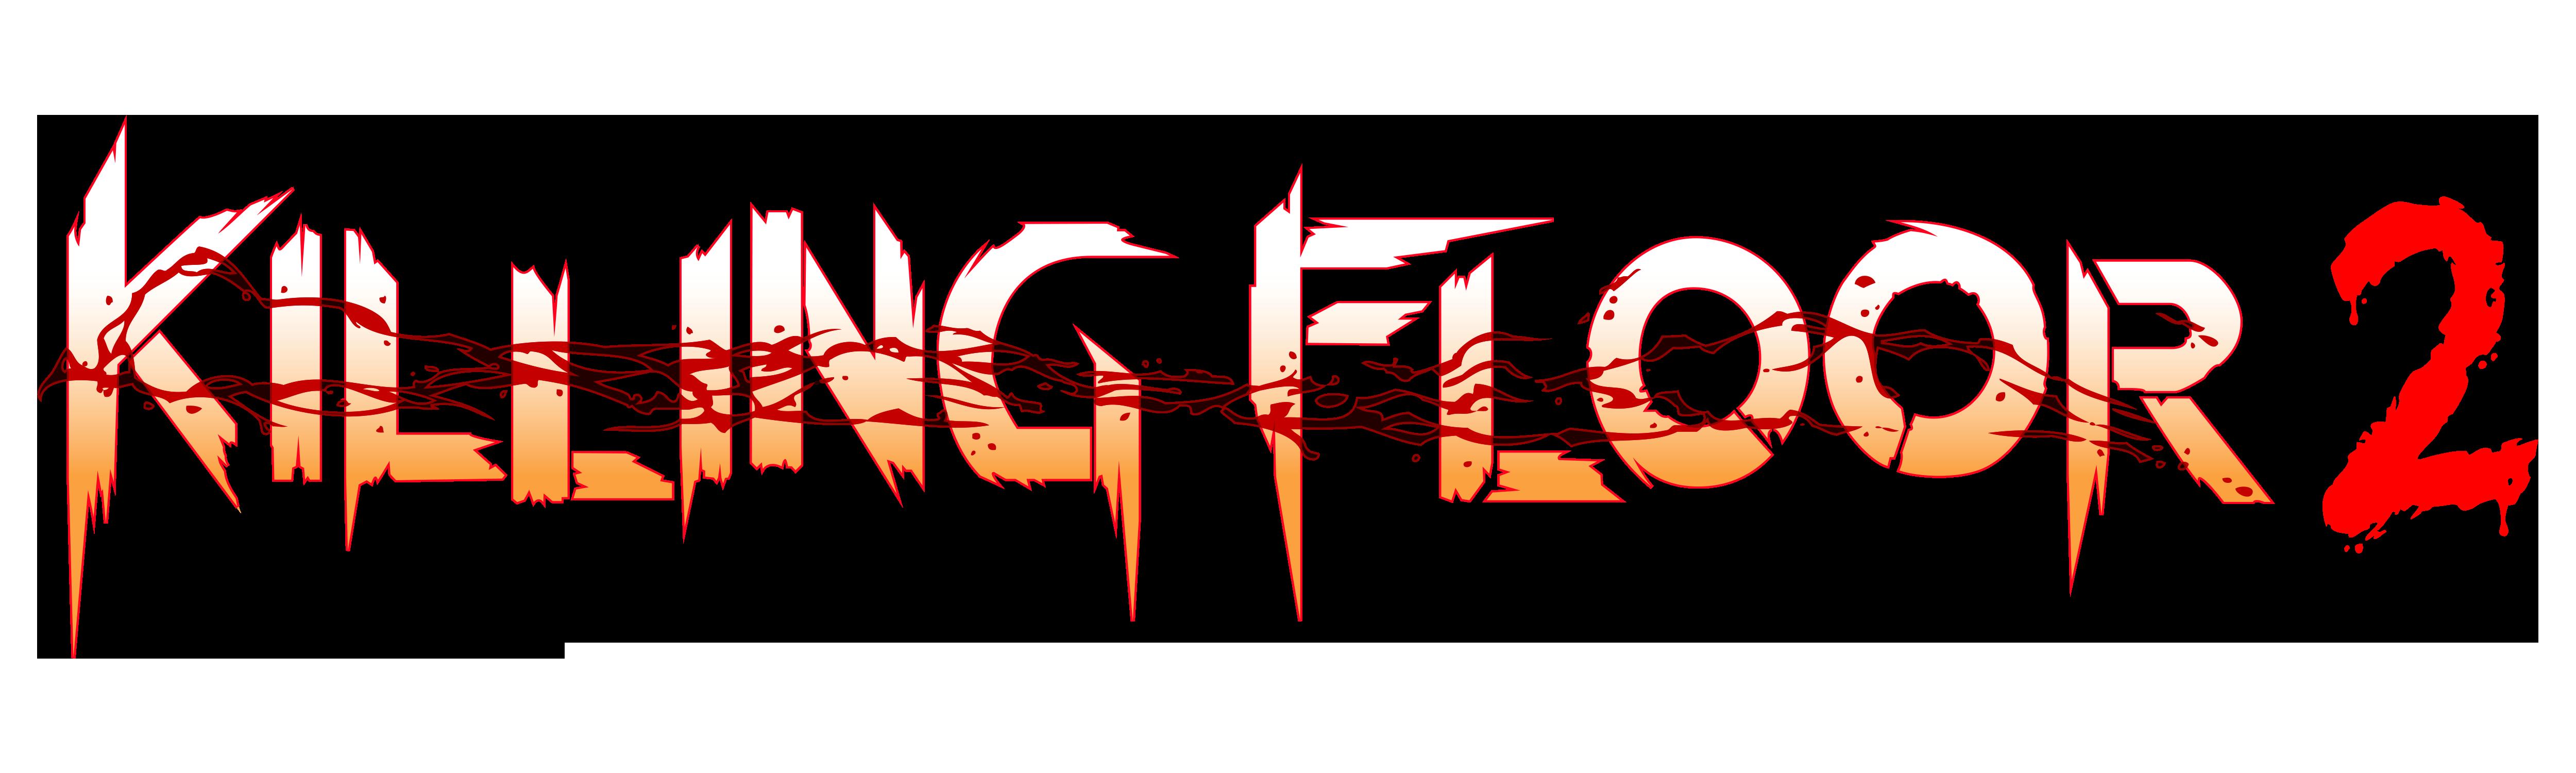 Deep Silver anuncia Killing Floor 2 para PS4